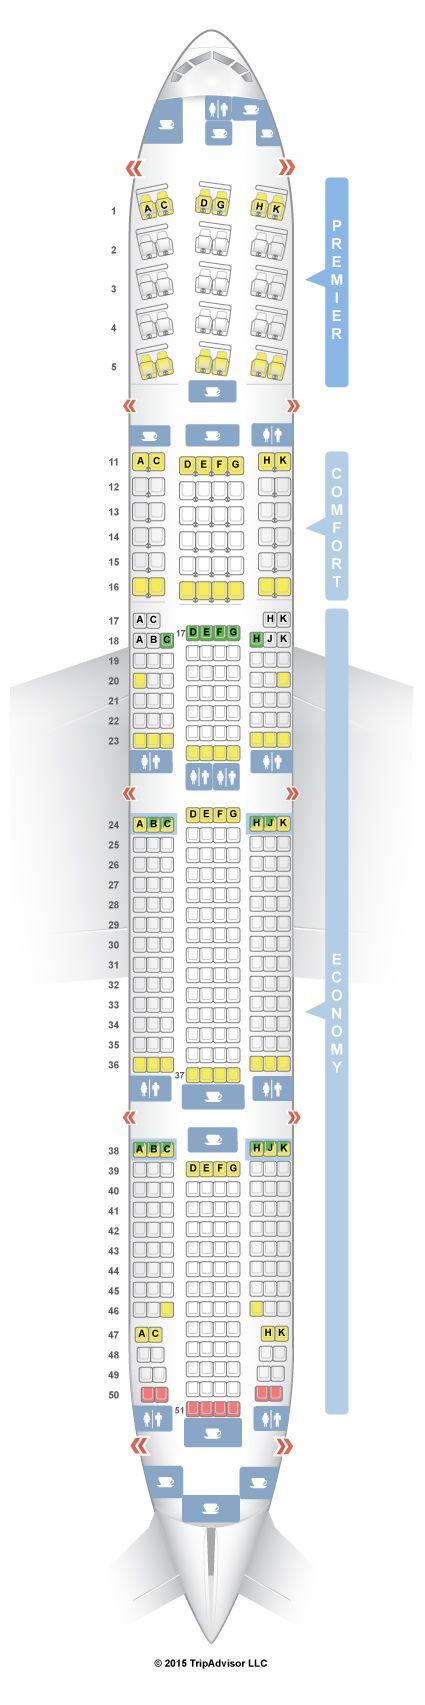 SeatGuru Seat Map Aeroflot Boeing 777-300ER (773)